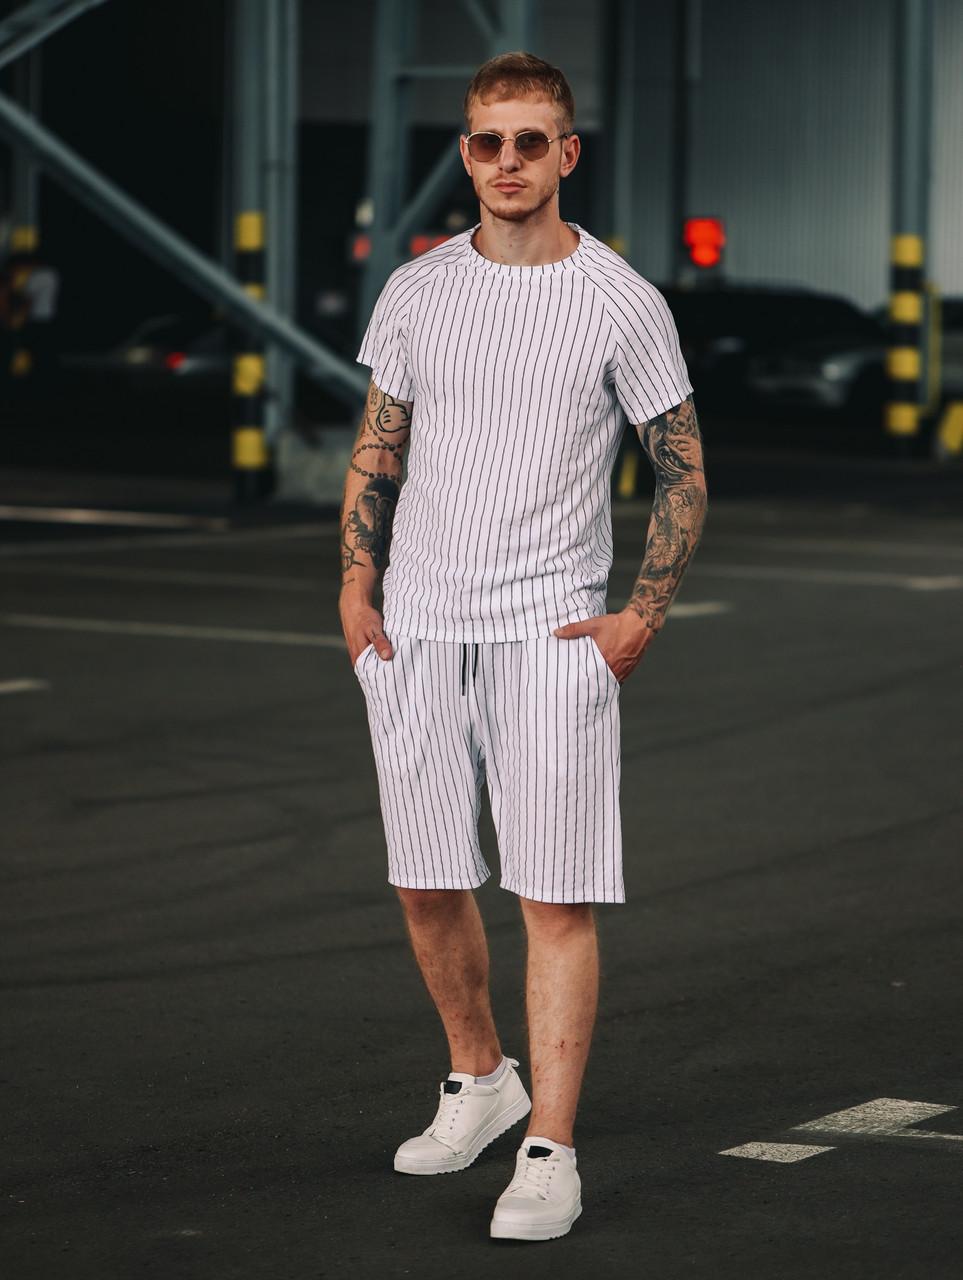 Чоловічий річний комплект в смужку (шорти та футболка), смугаста футболка, шорти в смужку